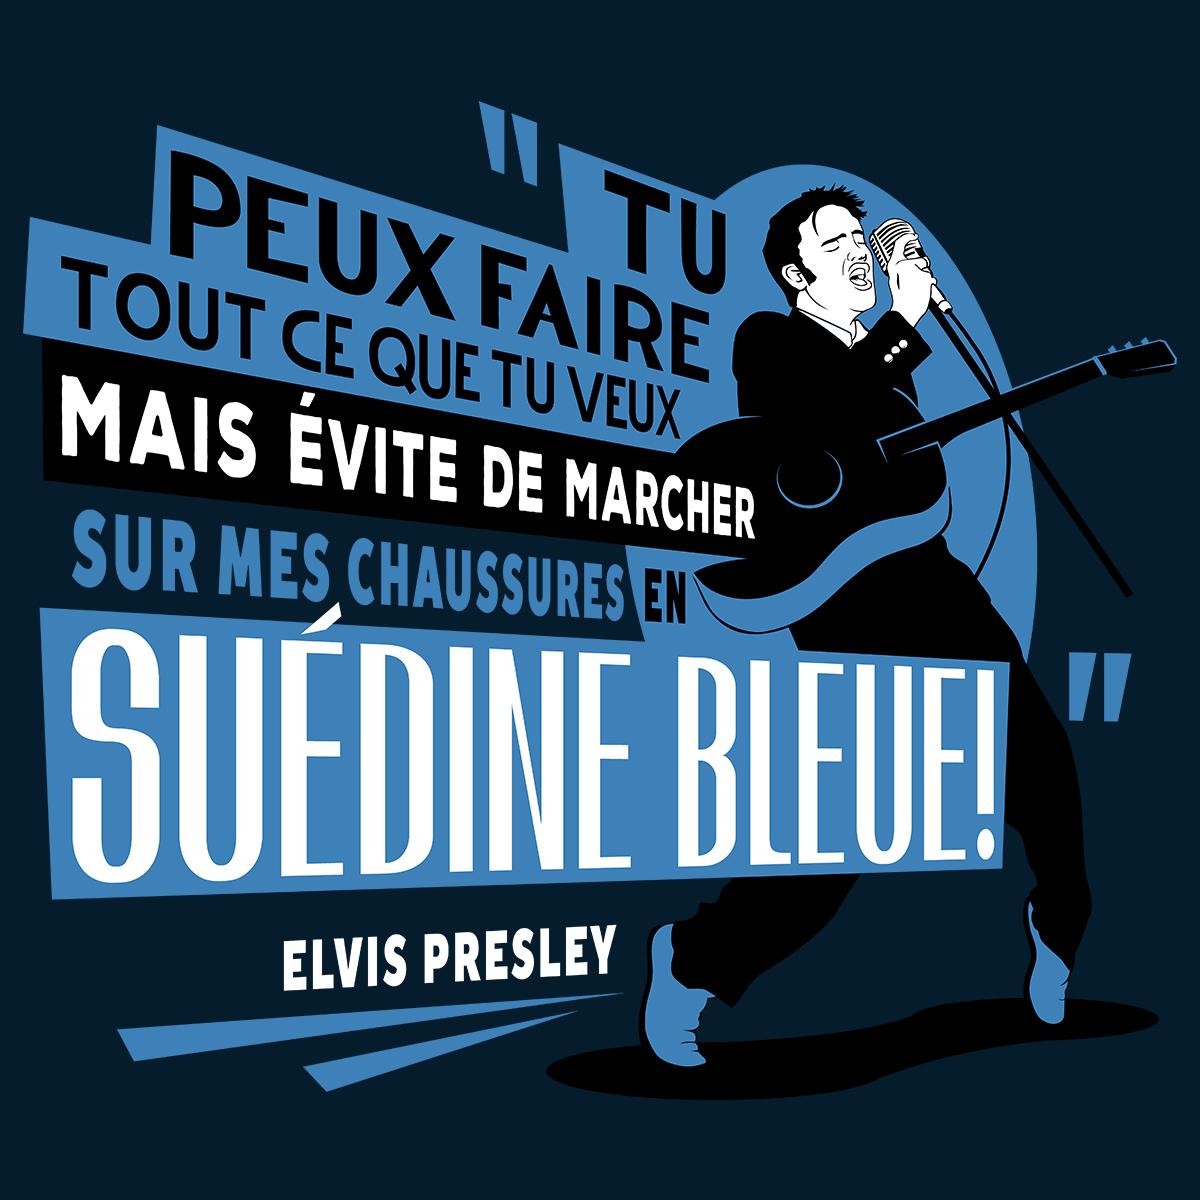 Traduction littérale de Blue Suede Shoes